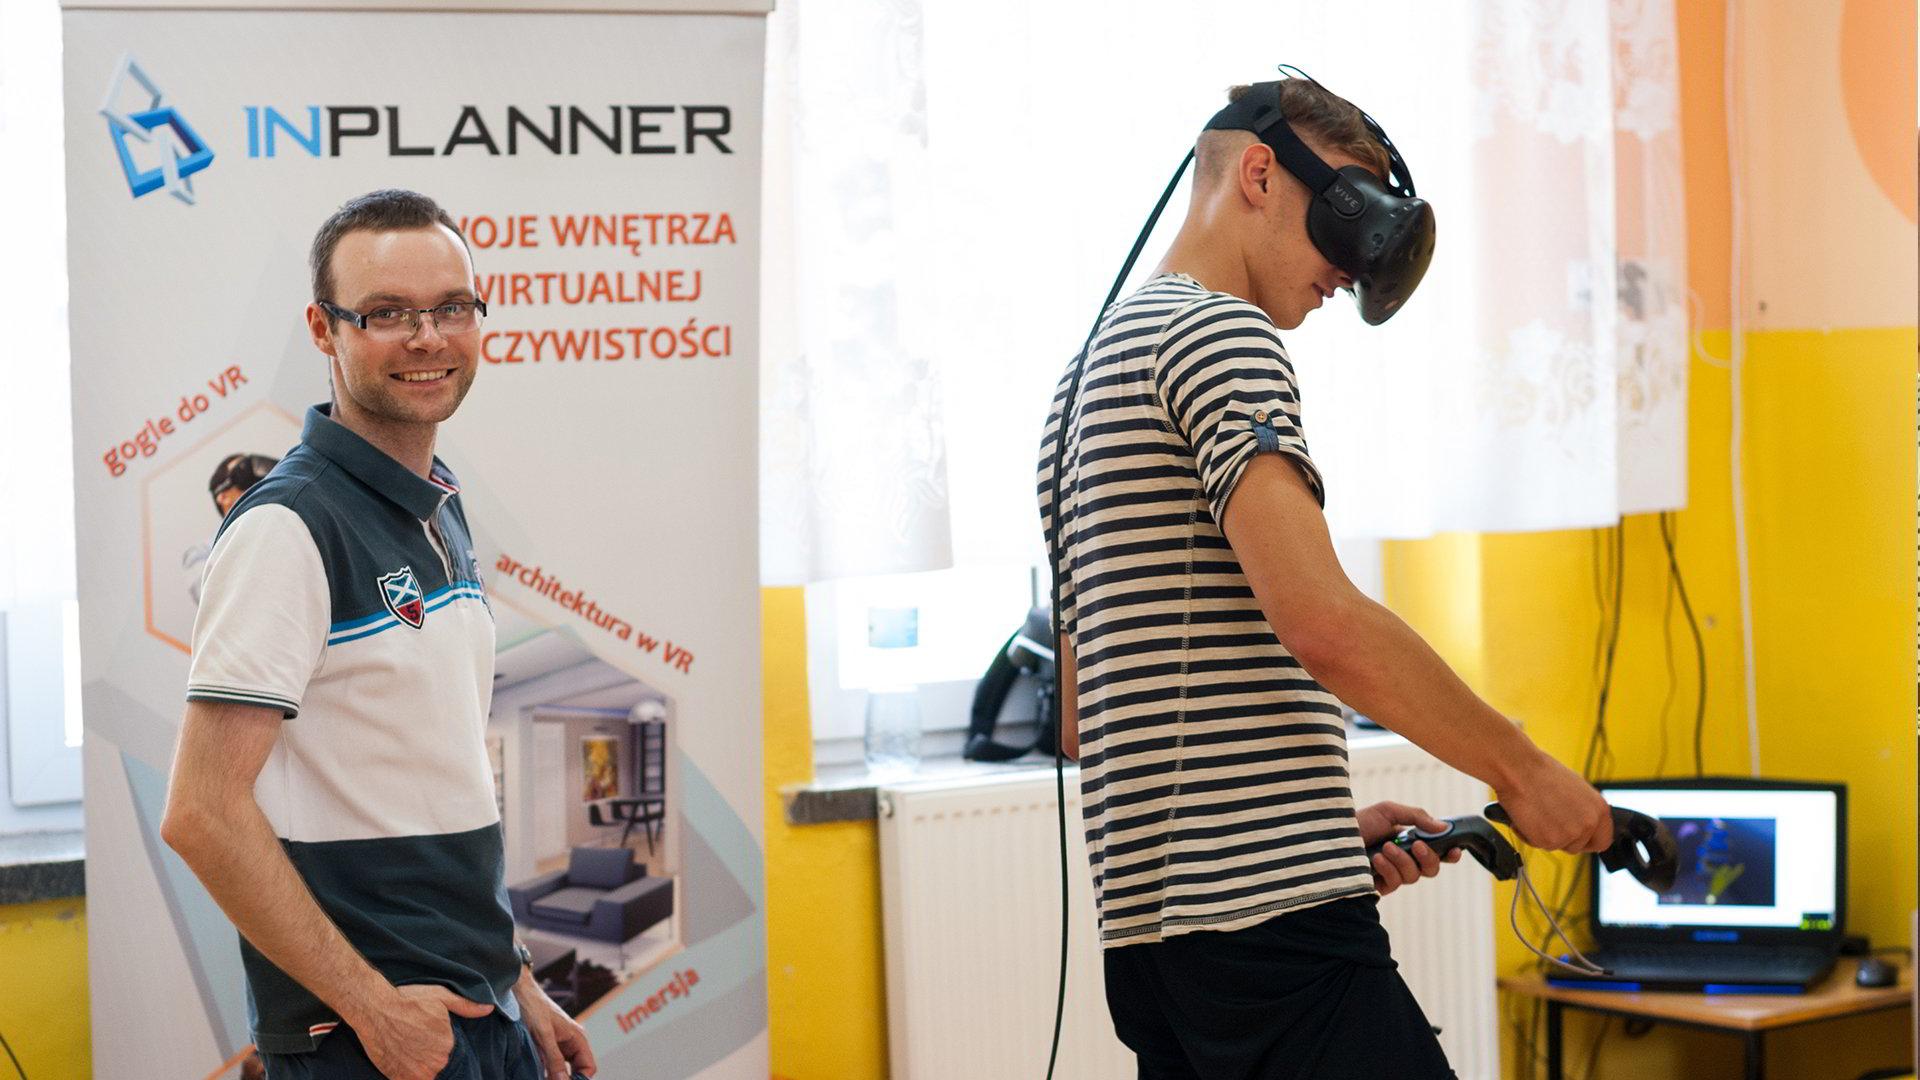 InPlanner eventy VR foto 11